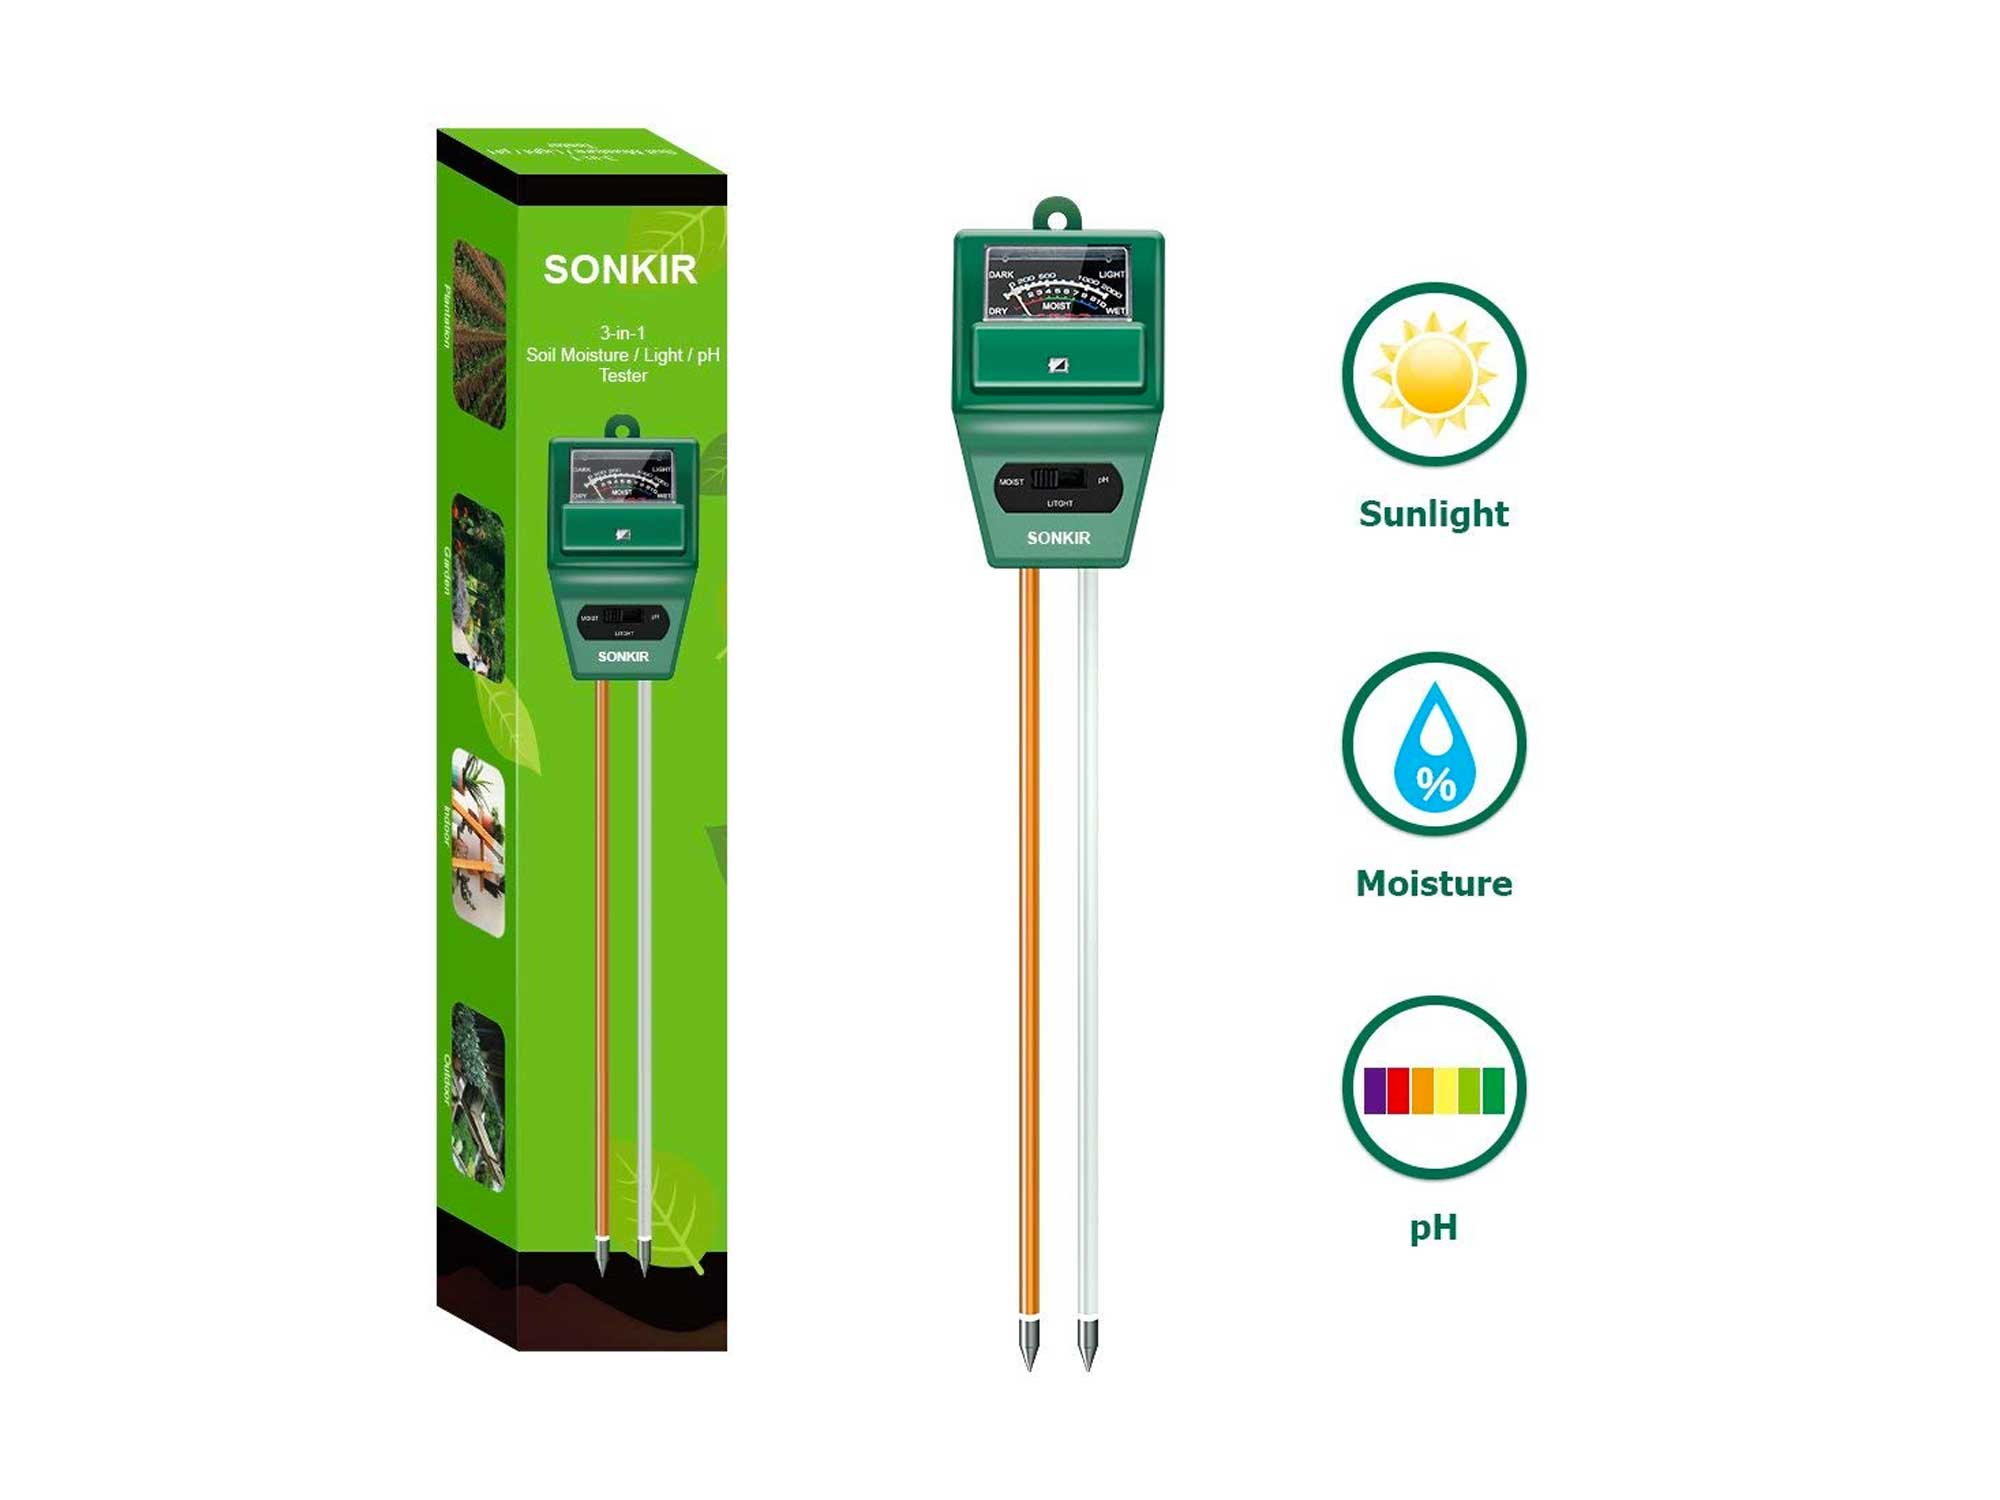 Sonkir soil meter